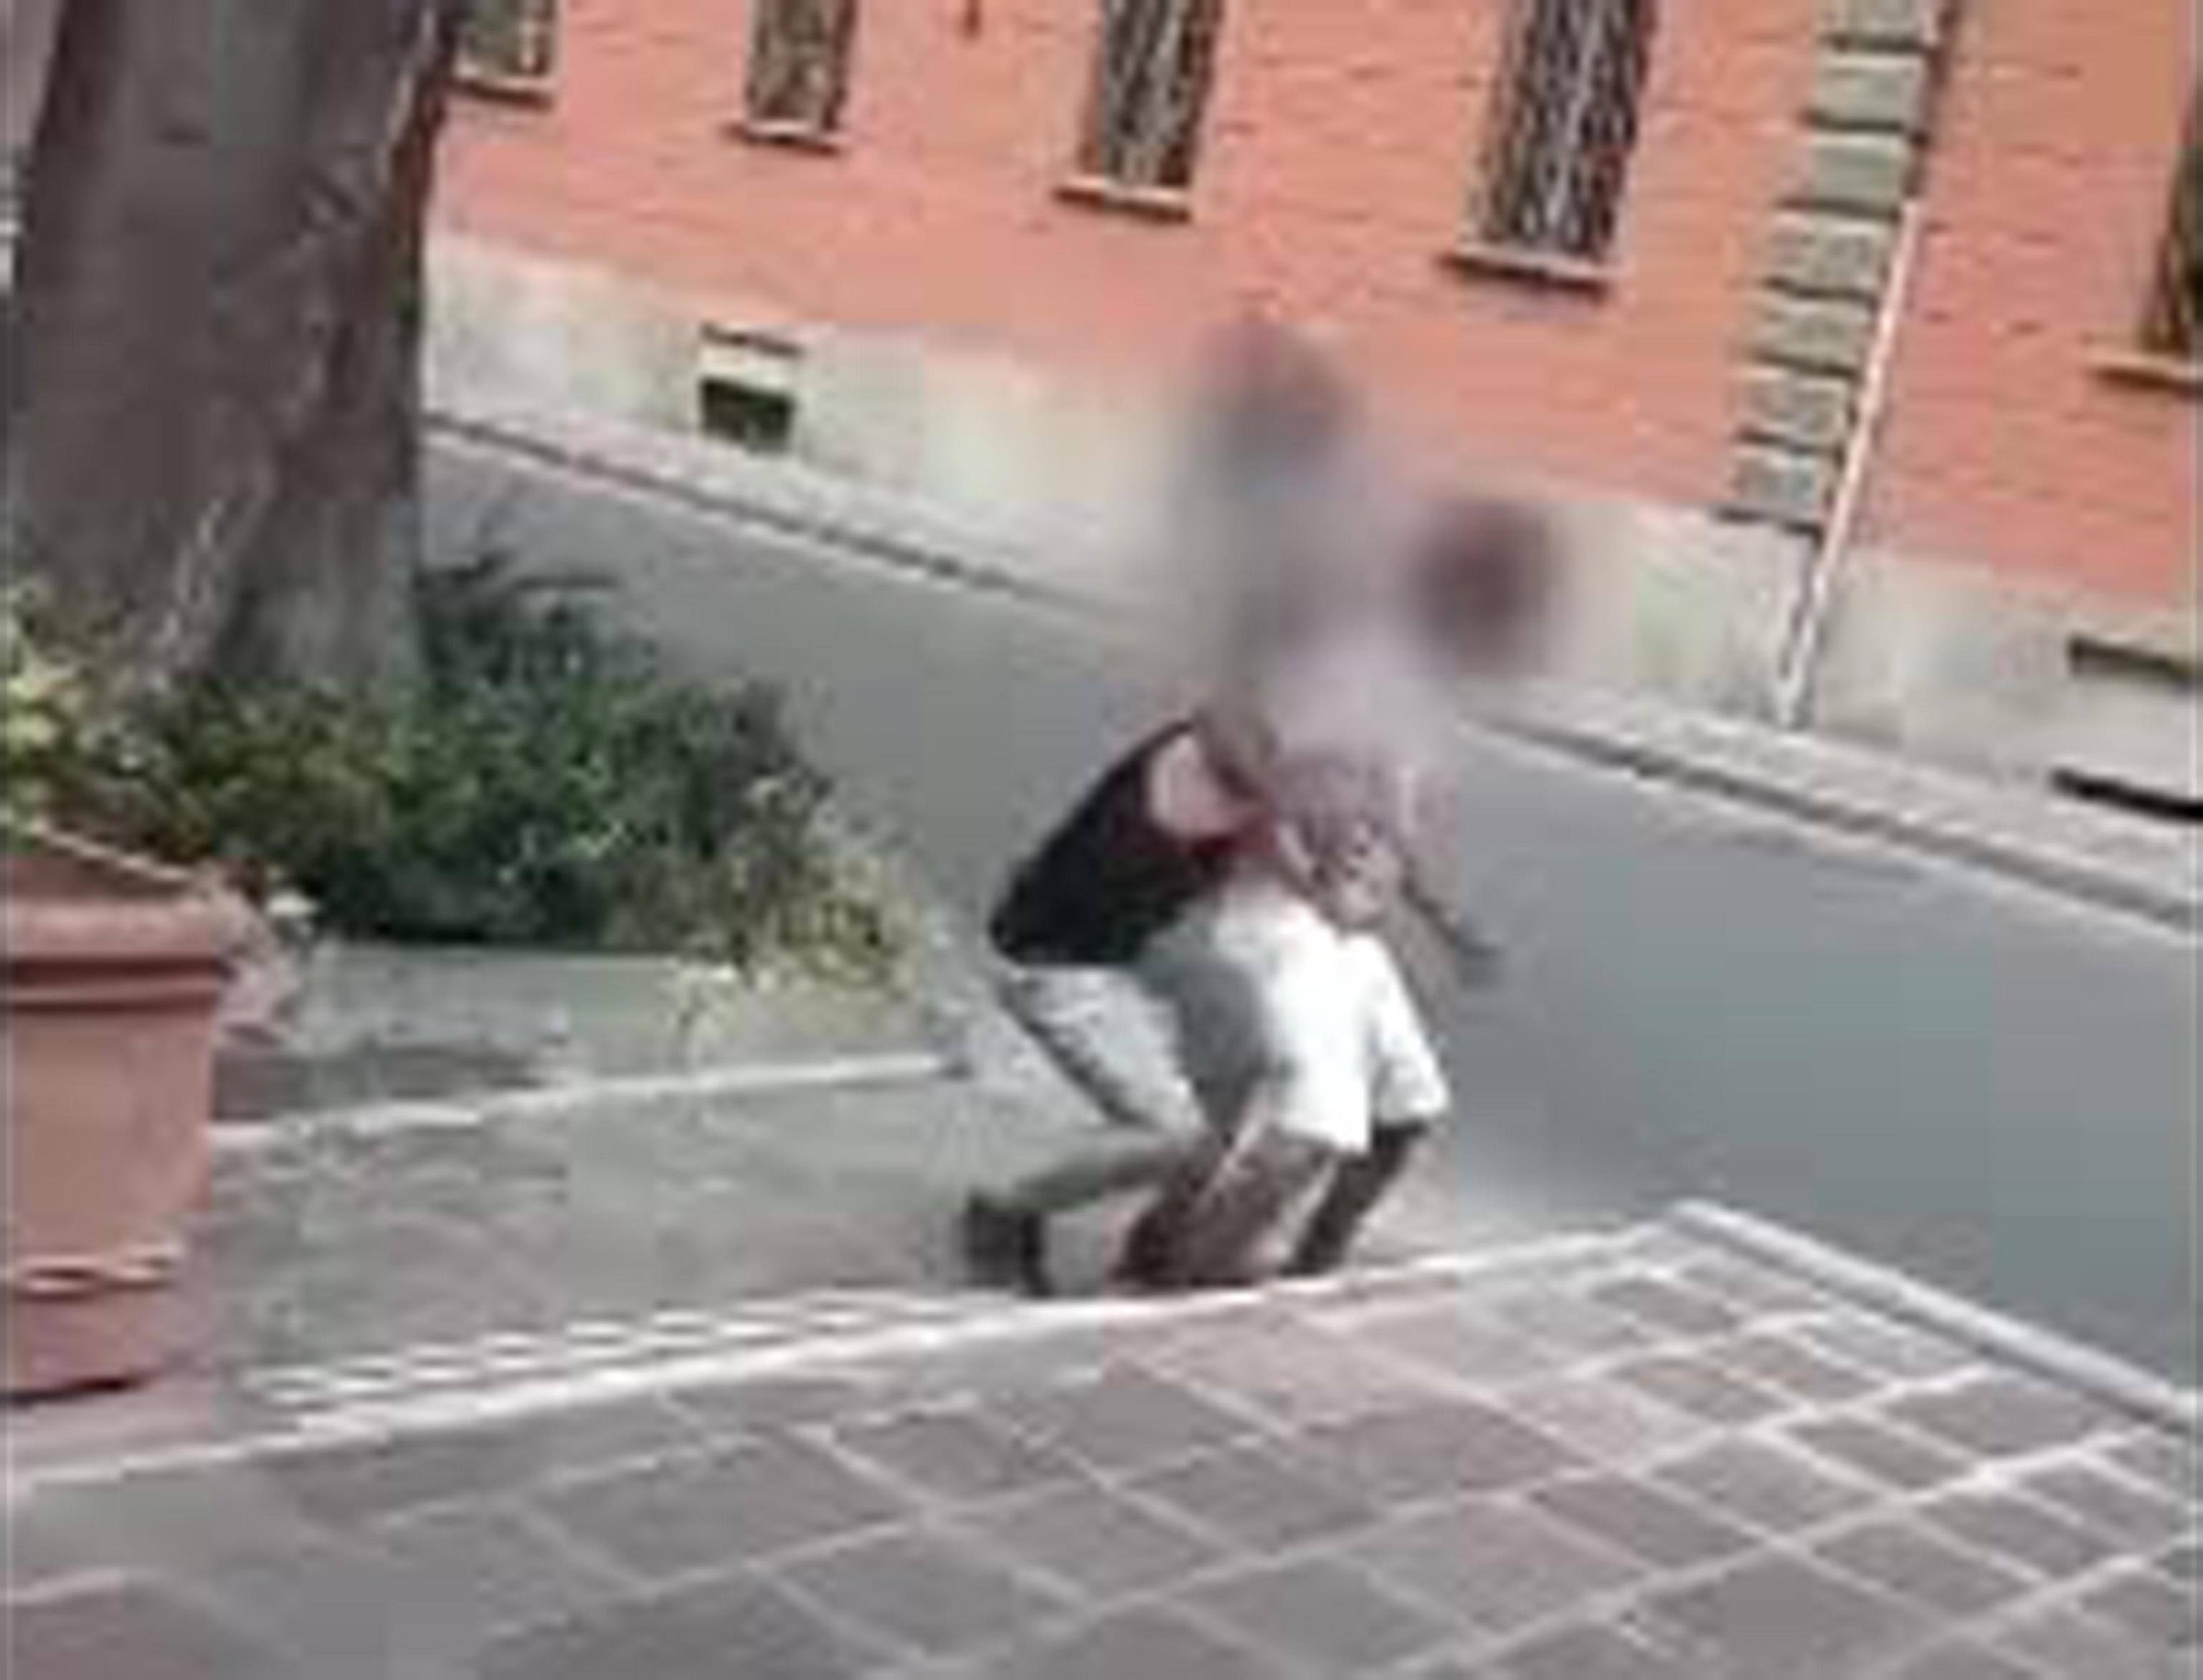 Richiedente asilo aggredito a Acqui Terme, 2 denunce dopo il video su Facebook